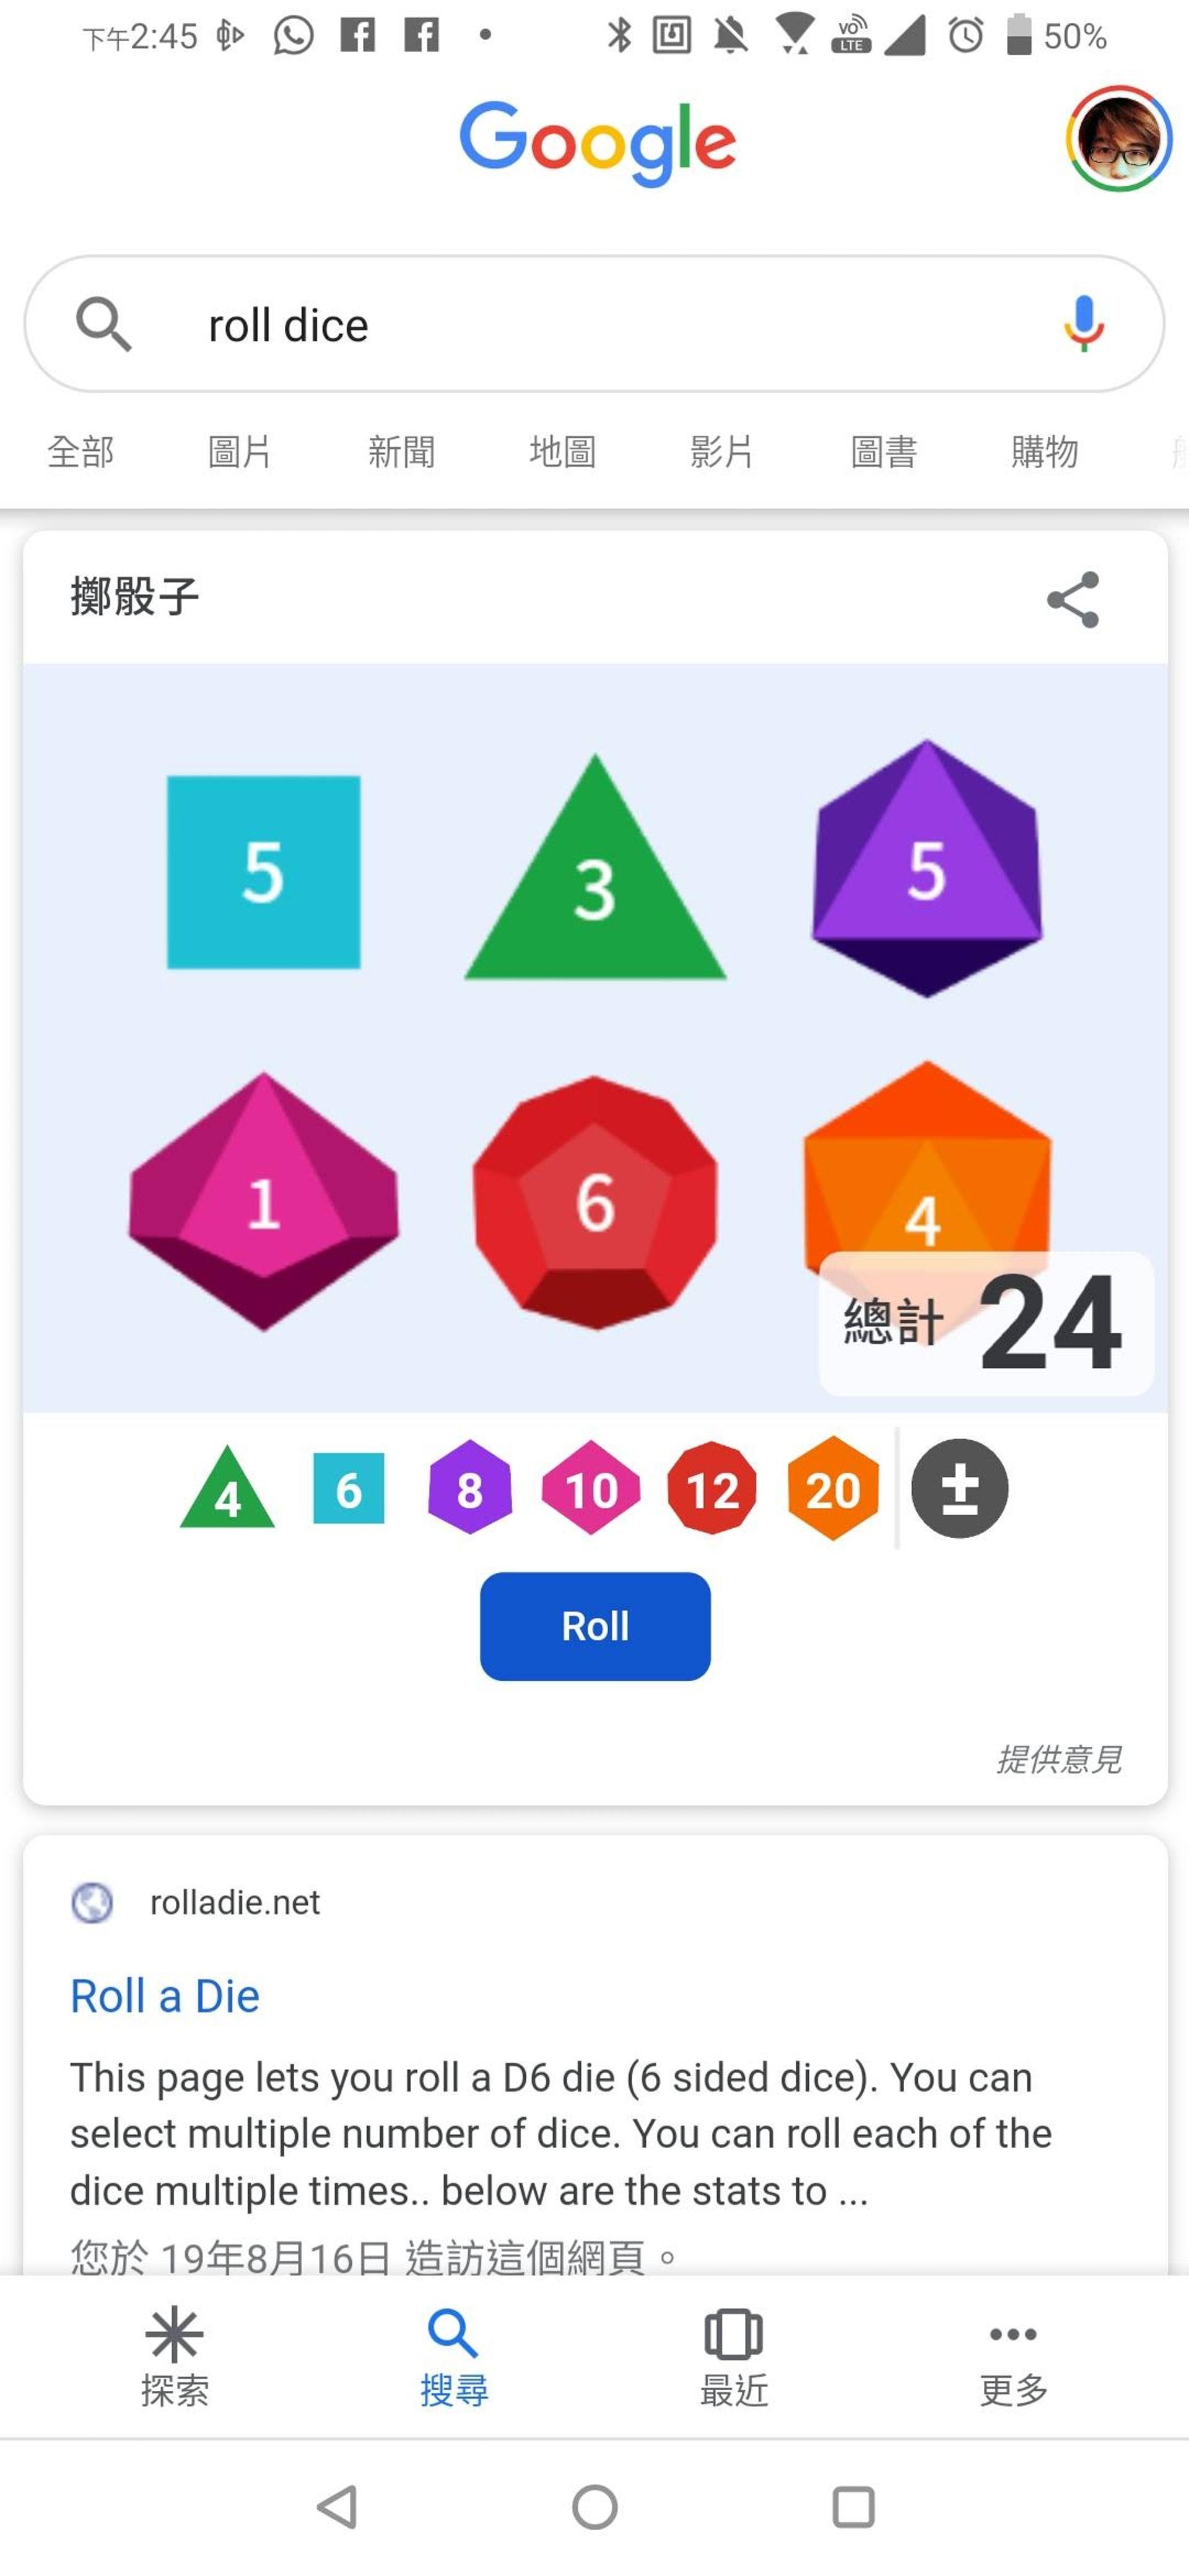 總共有 6 種面數骰子,除最常見的 6 面骰,還有 4、8、10、12、20 面的骰子選擇